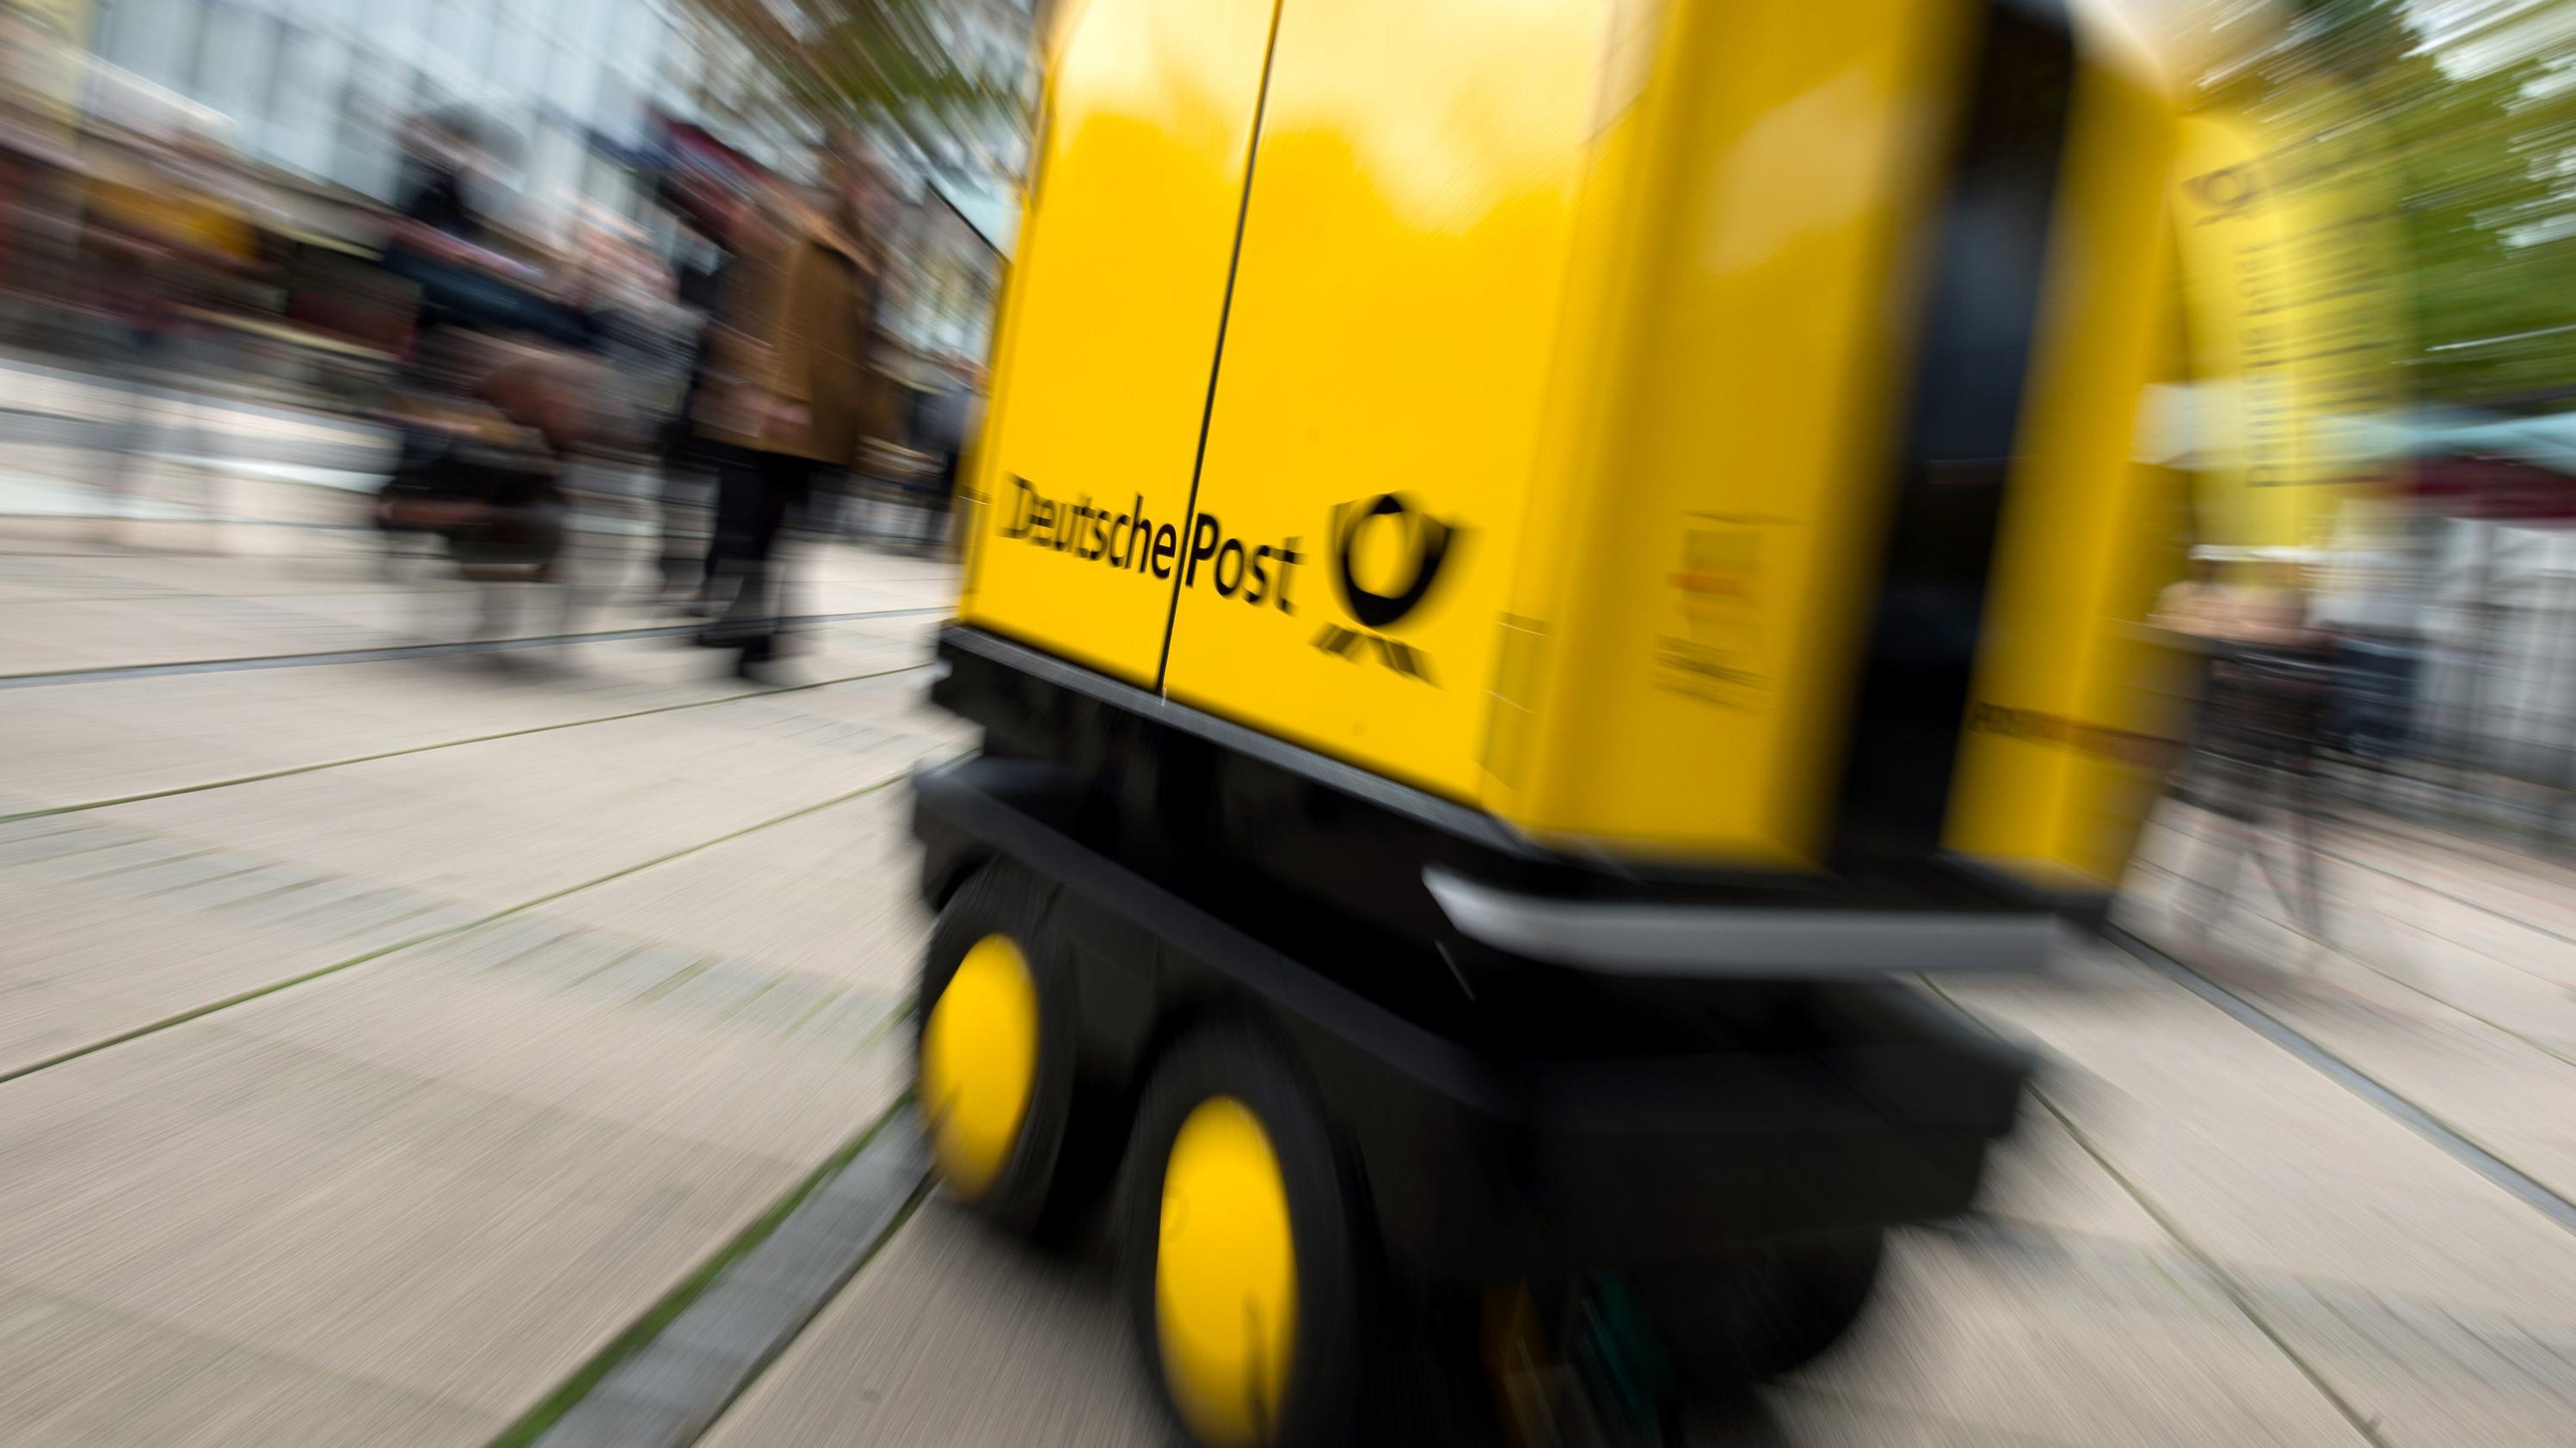 """Hessen, Bad Hersfeld: Ein Zustell-Roboter """"PostBOT"""" für Briefträger steht in einer Fußgängerzone."""